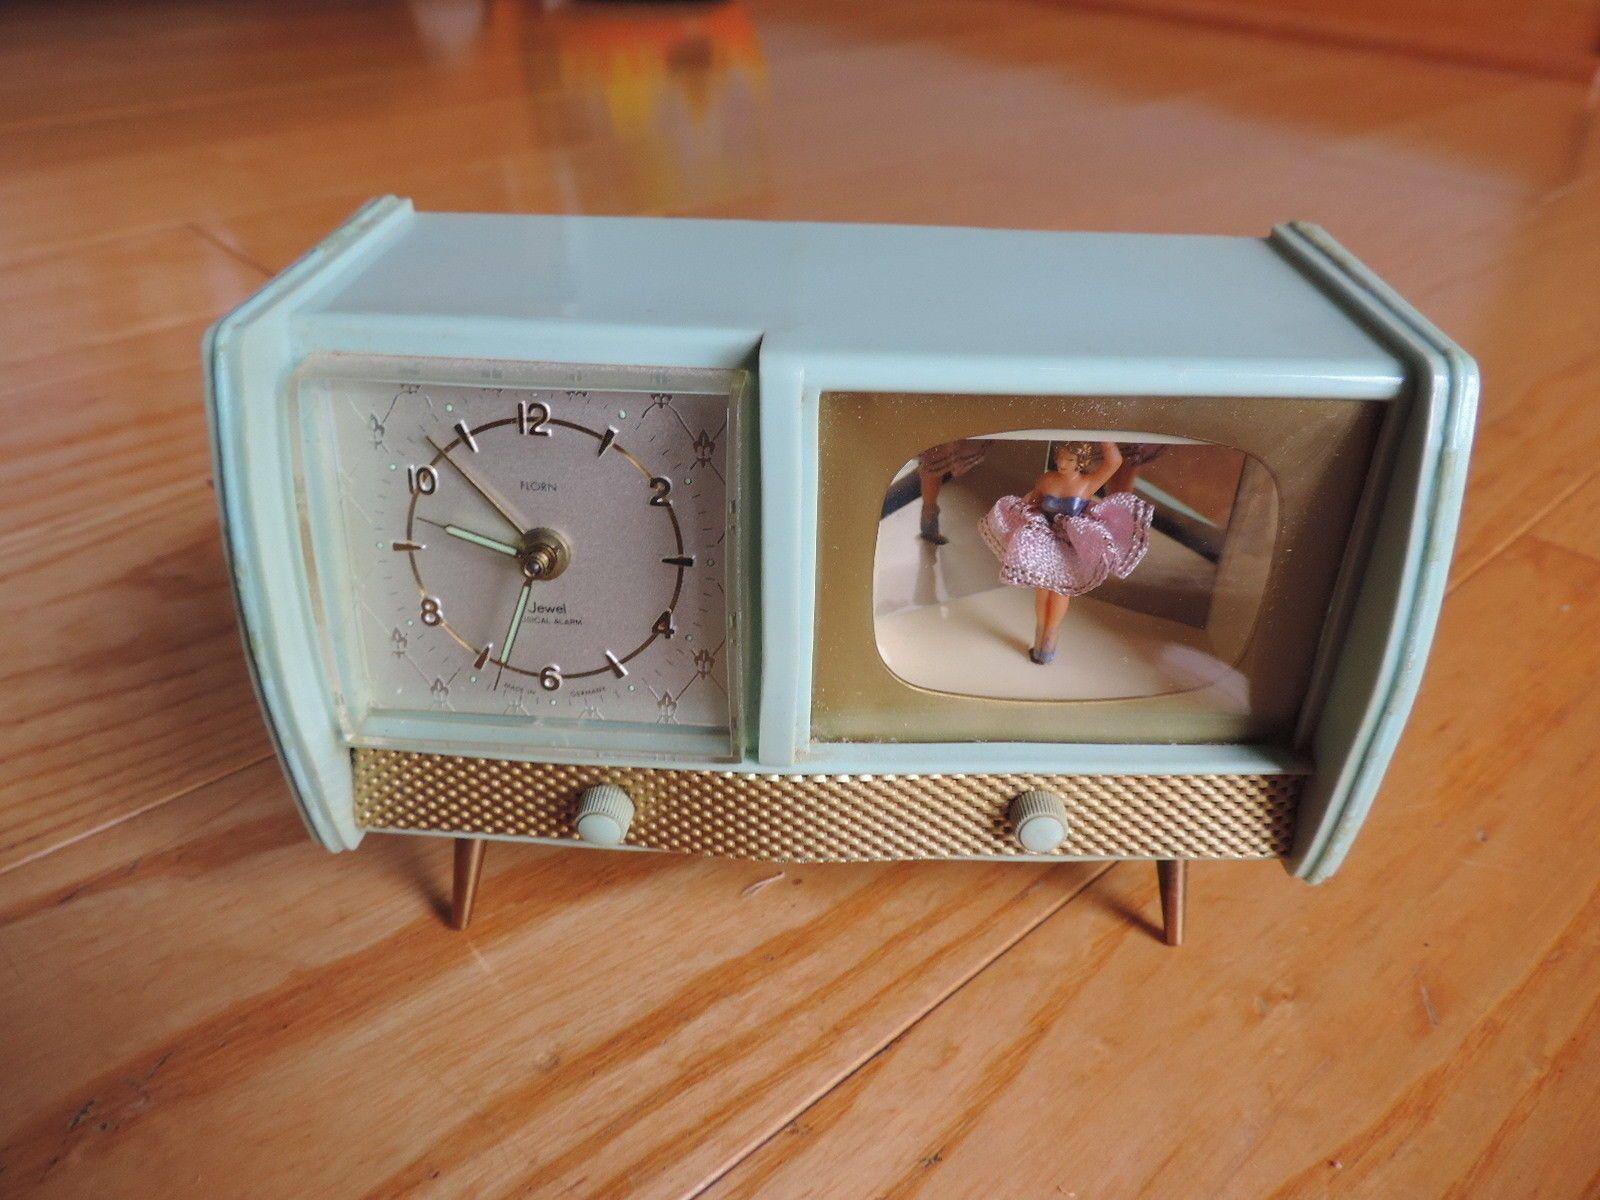 Vtg Florn Retro Alarm Clock Ballerina Music Box Bleu Danube Television Style Retro Alarm Clock Unique Alarm Clocks Clock